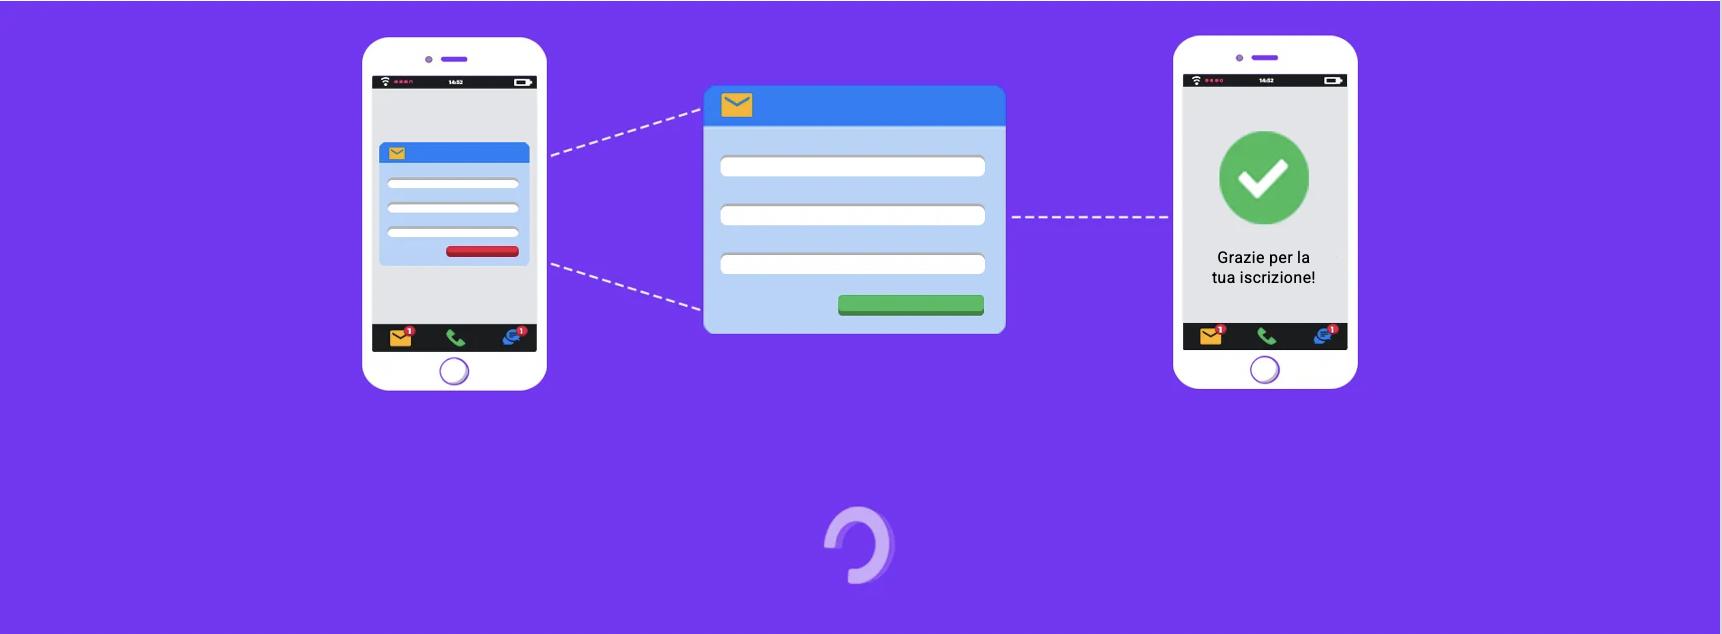 Cosa sono le micro conversioni e perché dovresti monitorarle?